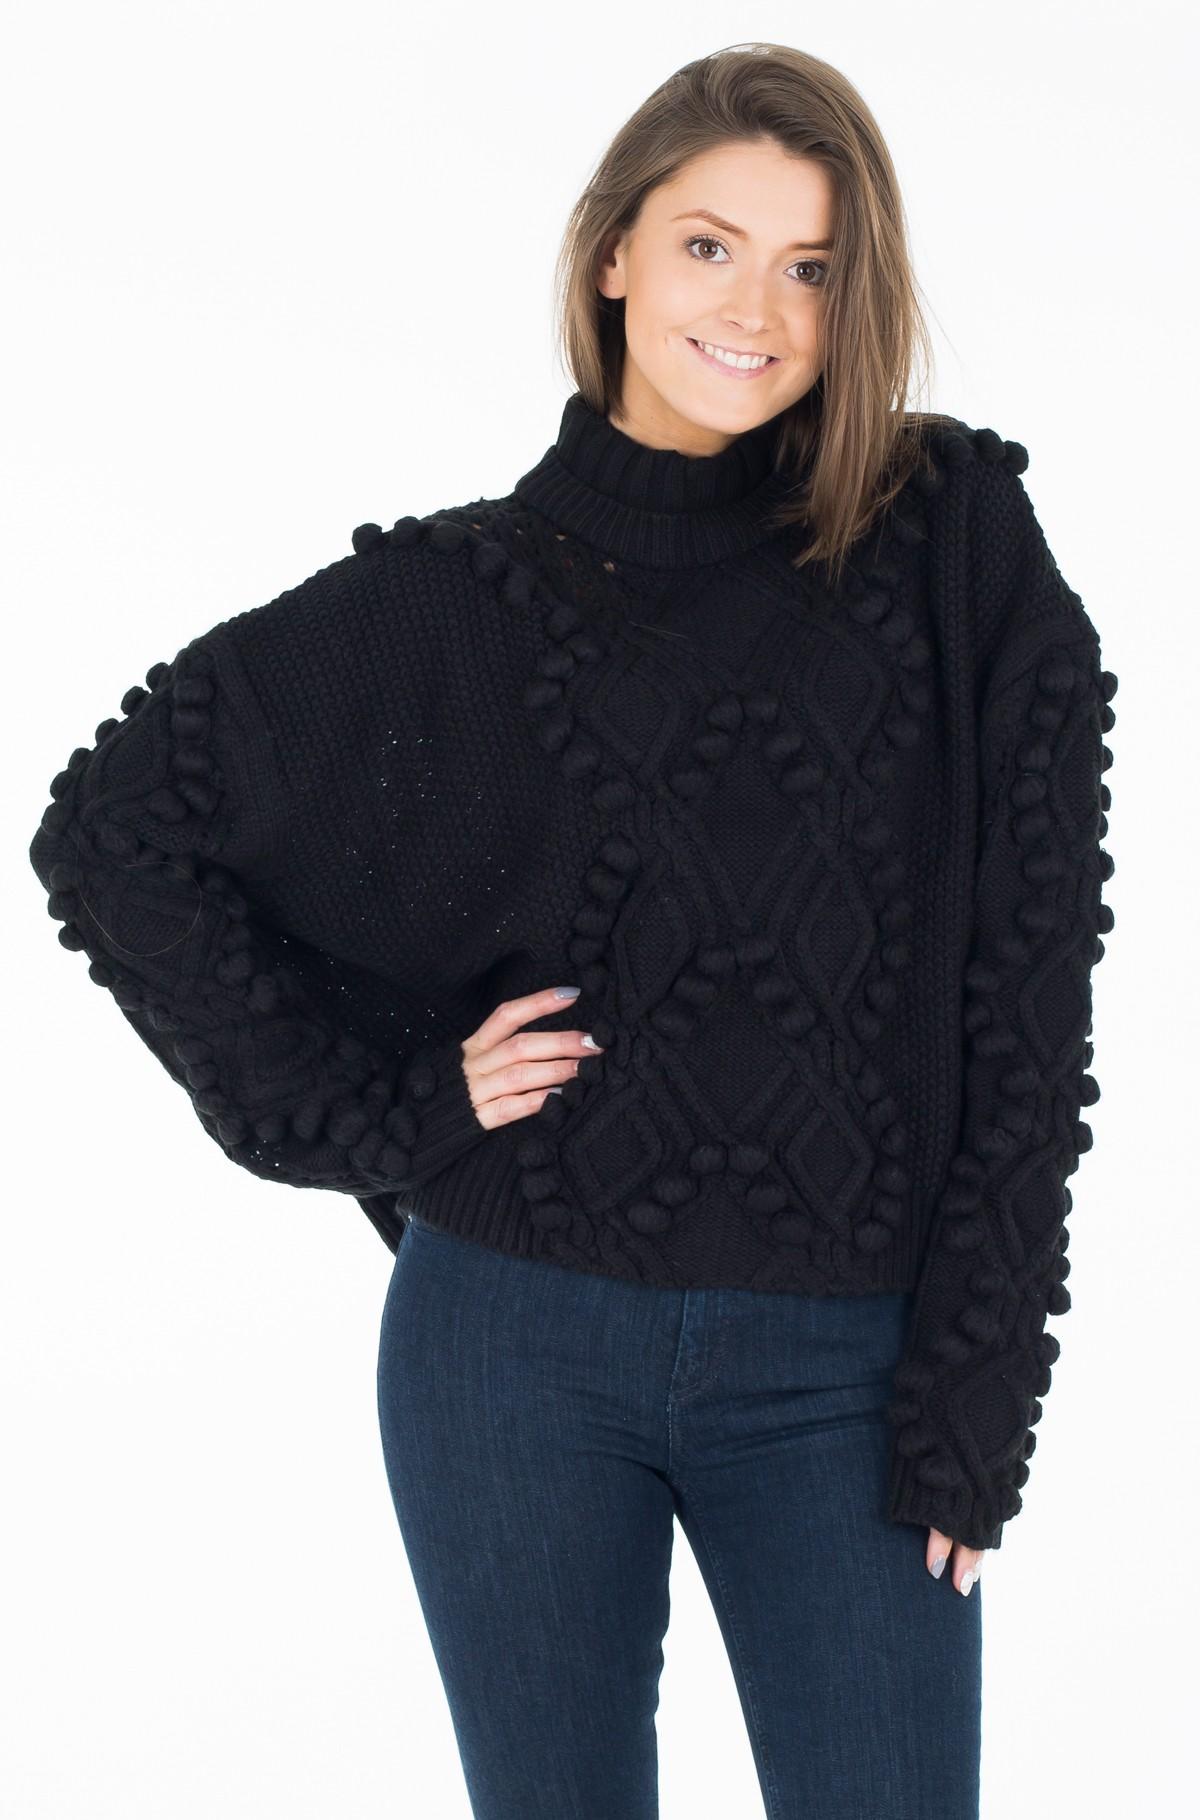 Sweater W74R77 Z1PF0-full-1